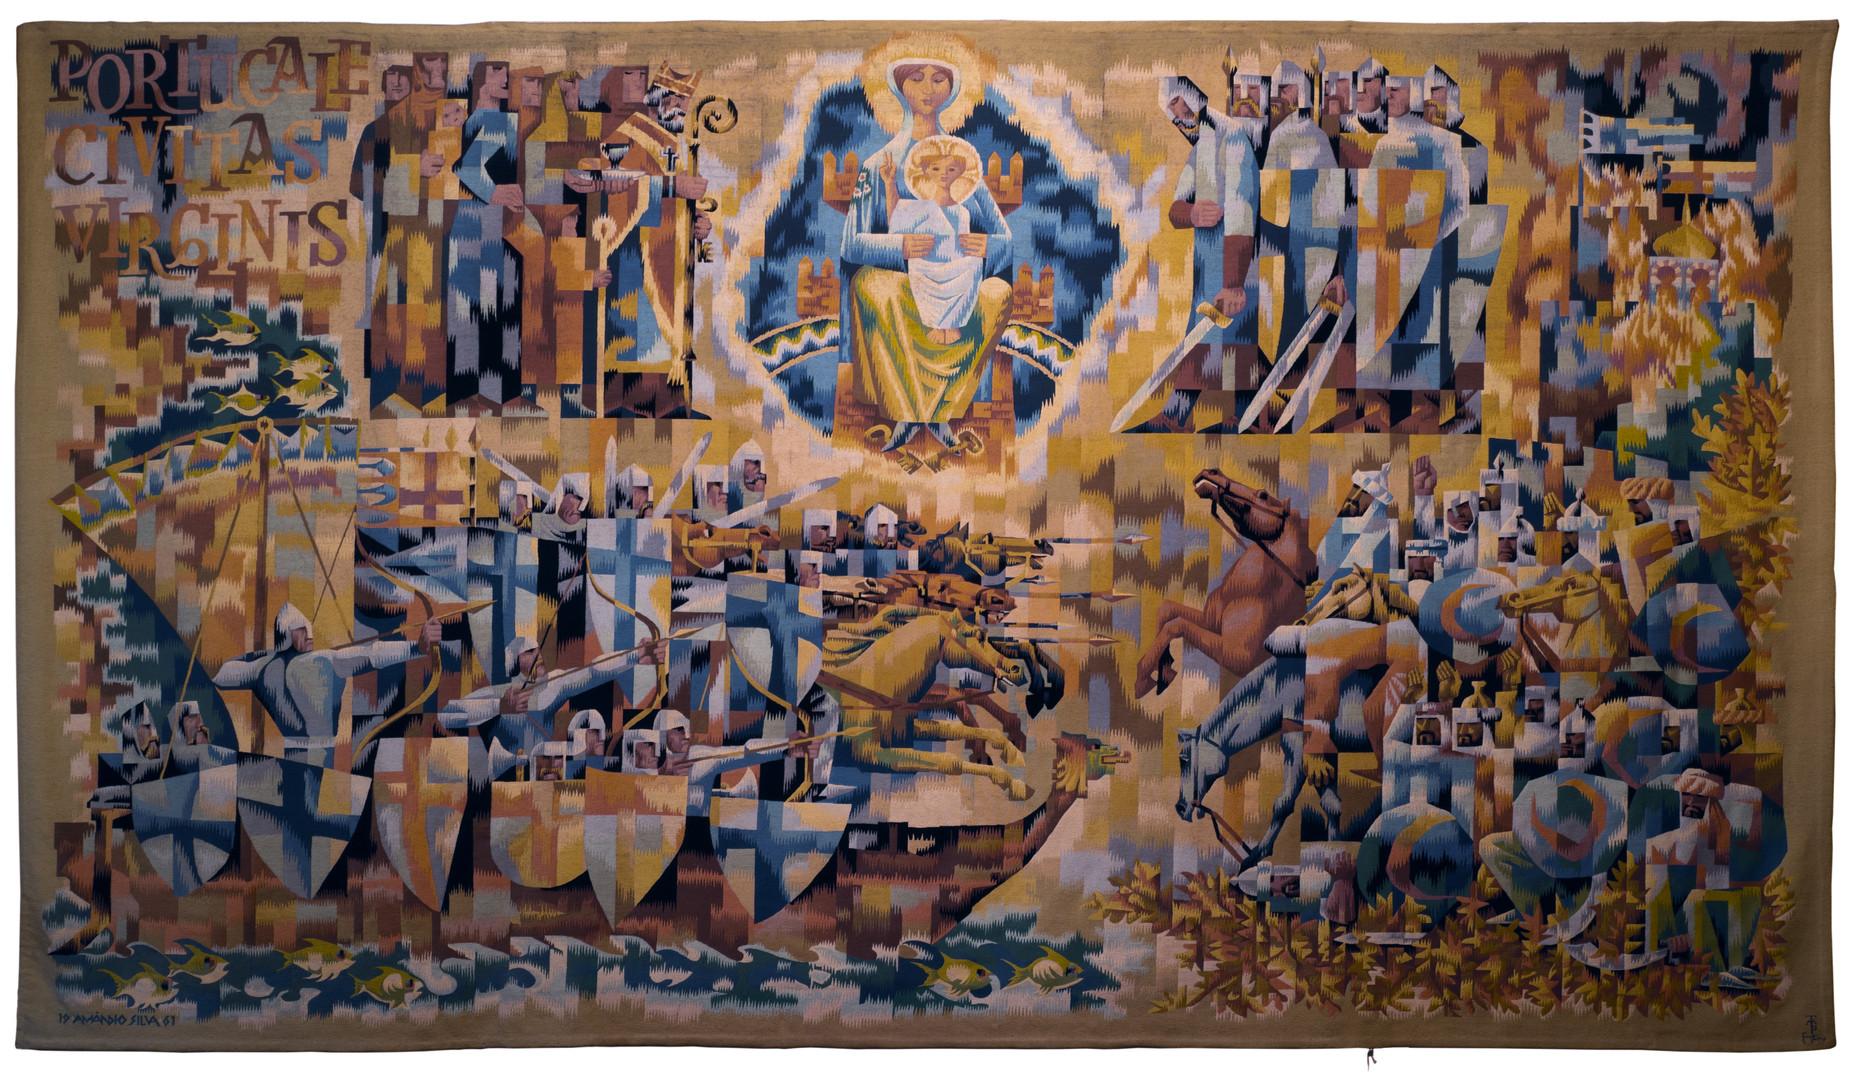 Portucale Civitas Virginis, 1961